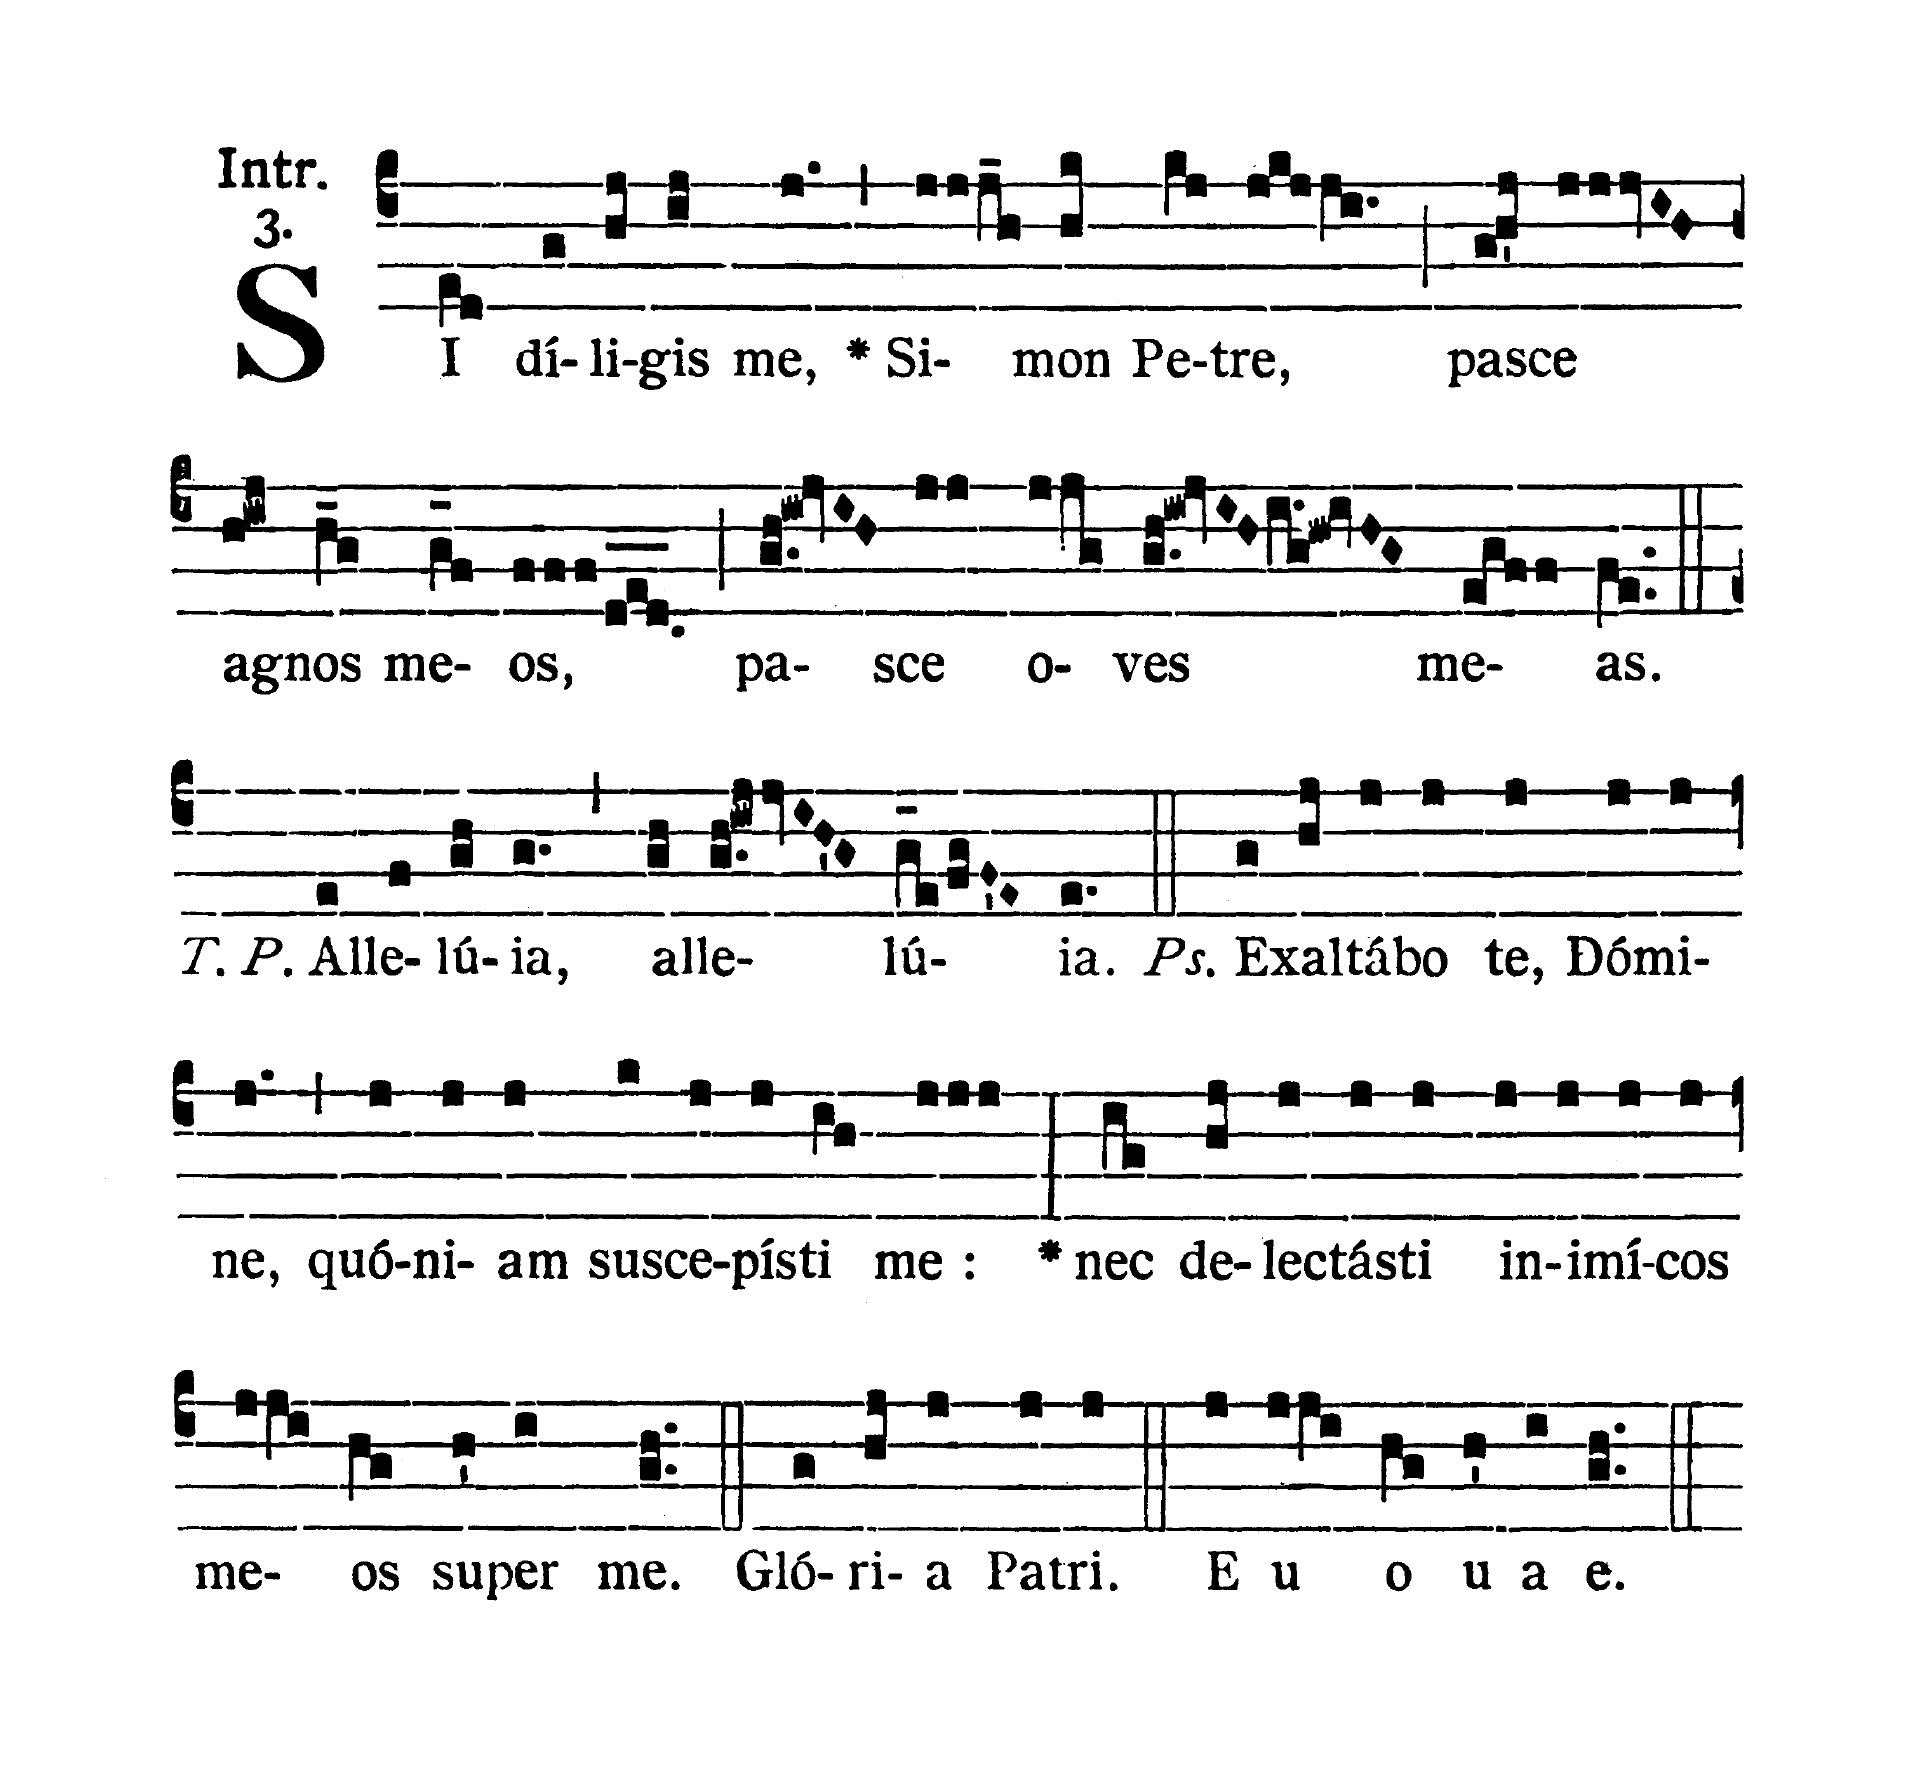 Sancti Silvestri I Papae et Confessoris (Świętego Sylwestra I Papieża i Wyznawcy) - Introitus (Si diligis me)